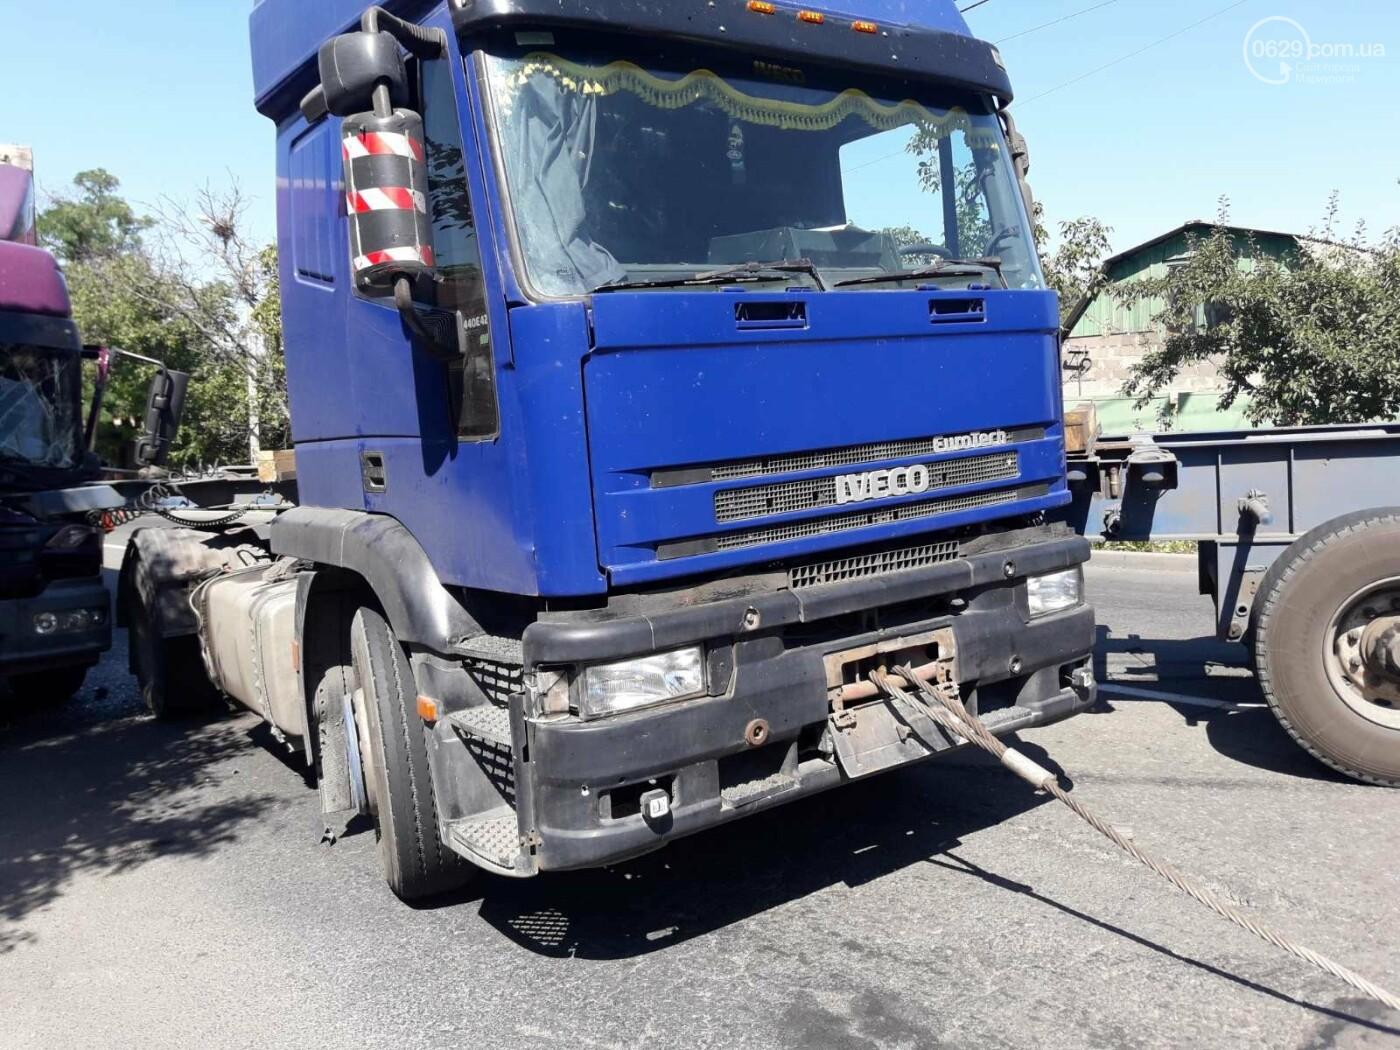 ДТП в Мариуполе: столкнулись два грузовика и перекрыли дорогу, - ФОТО, ВИДЕО, фото-4